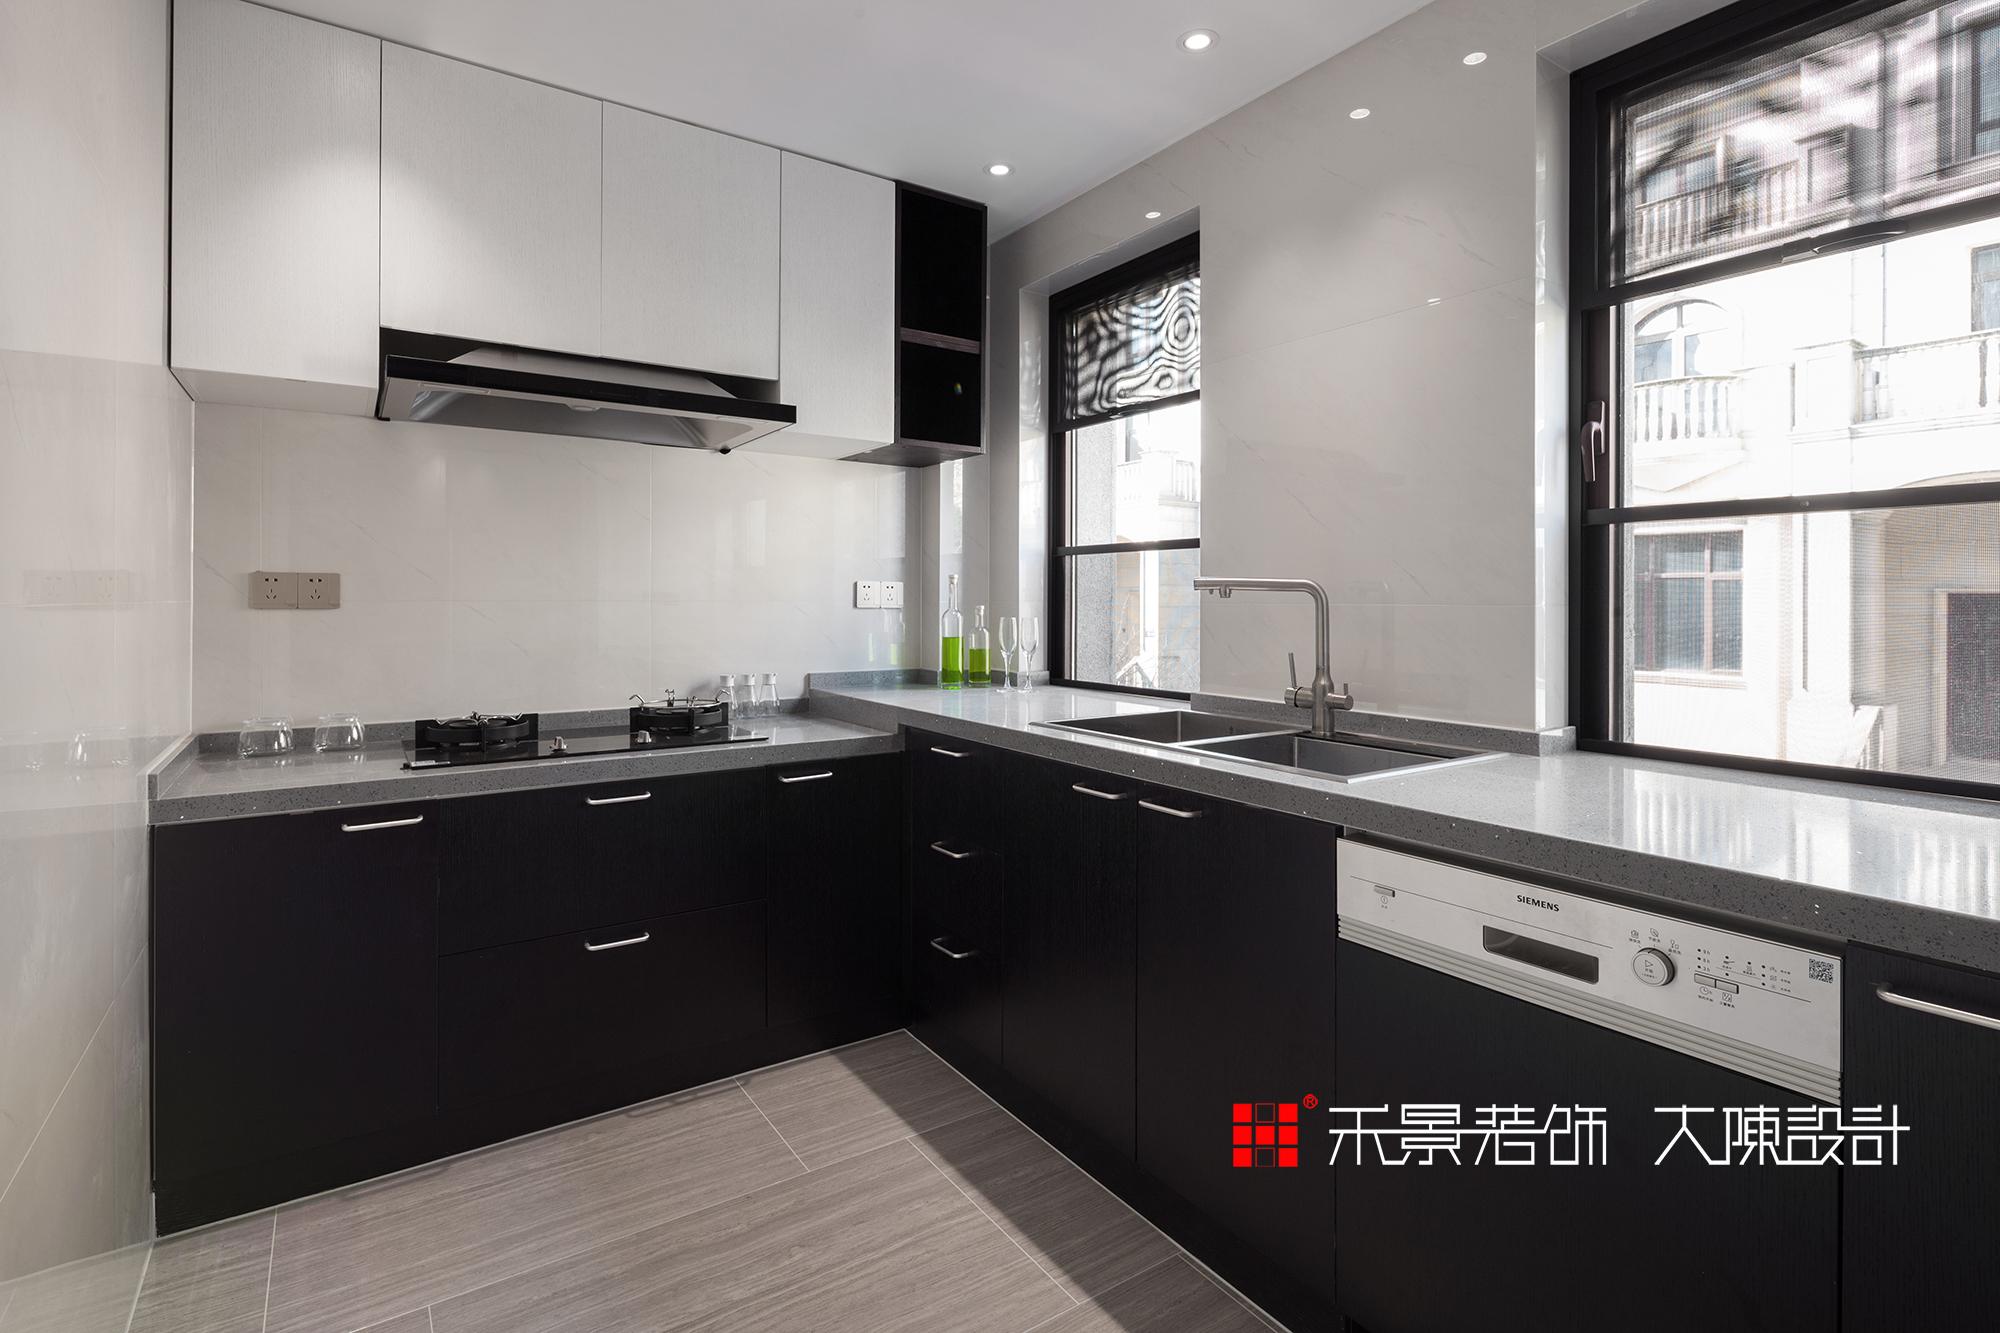 别墅 小资 厨房图片来自禾景大陈设计在禾景作品丨适度设计,顺势而为的分享